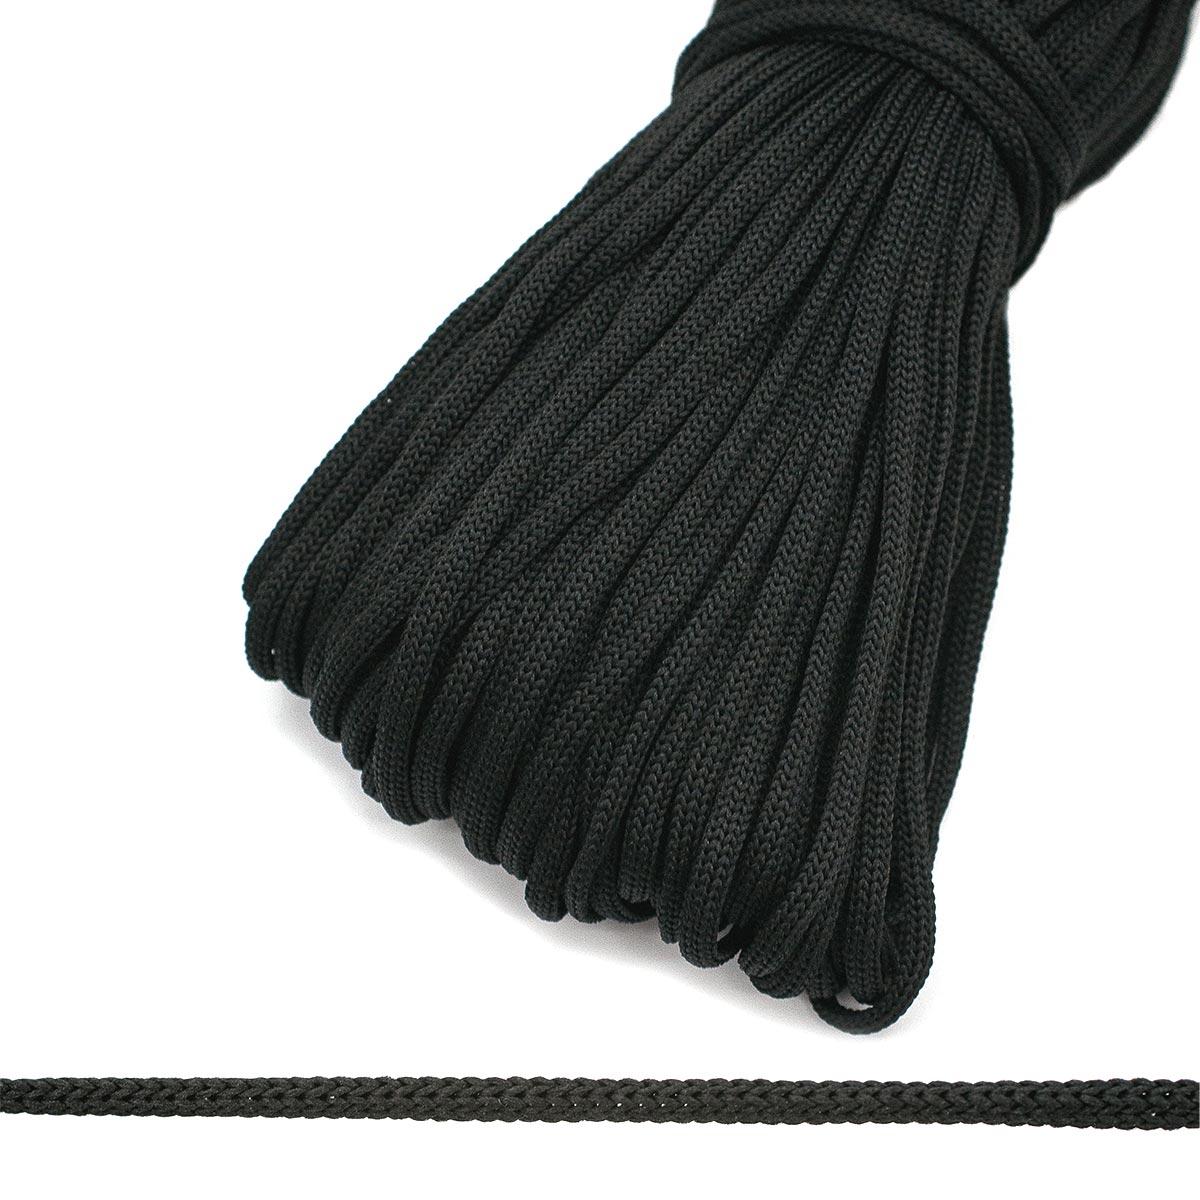 60374 Шнур обувной 4мм*200м черный